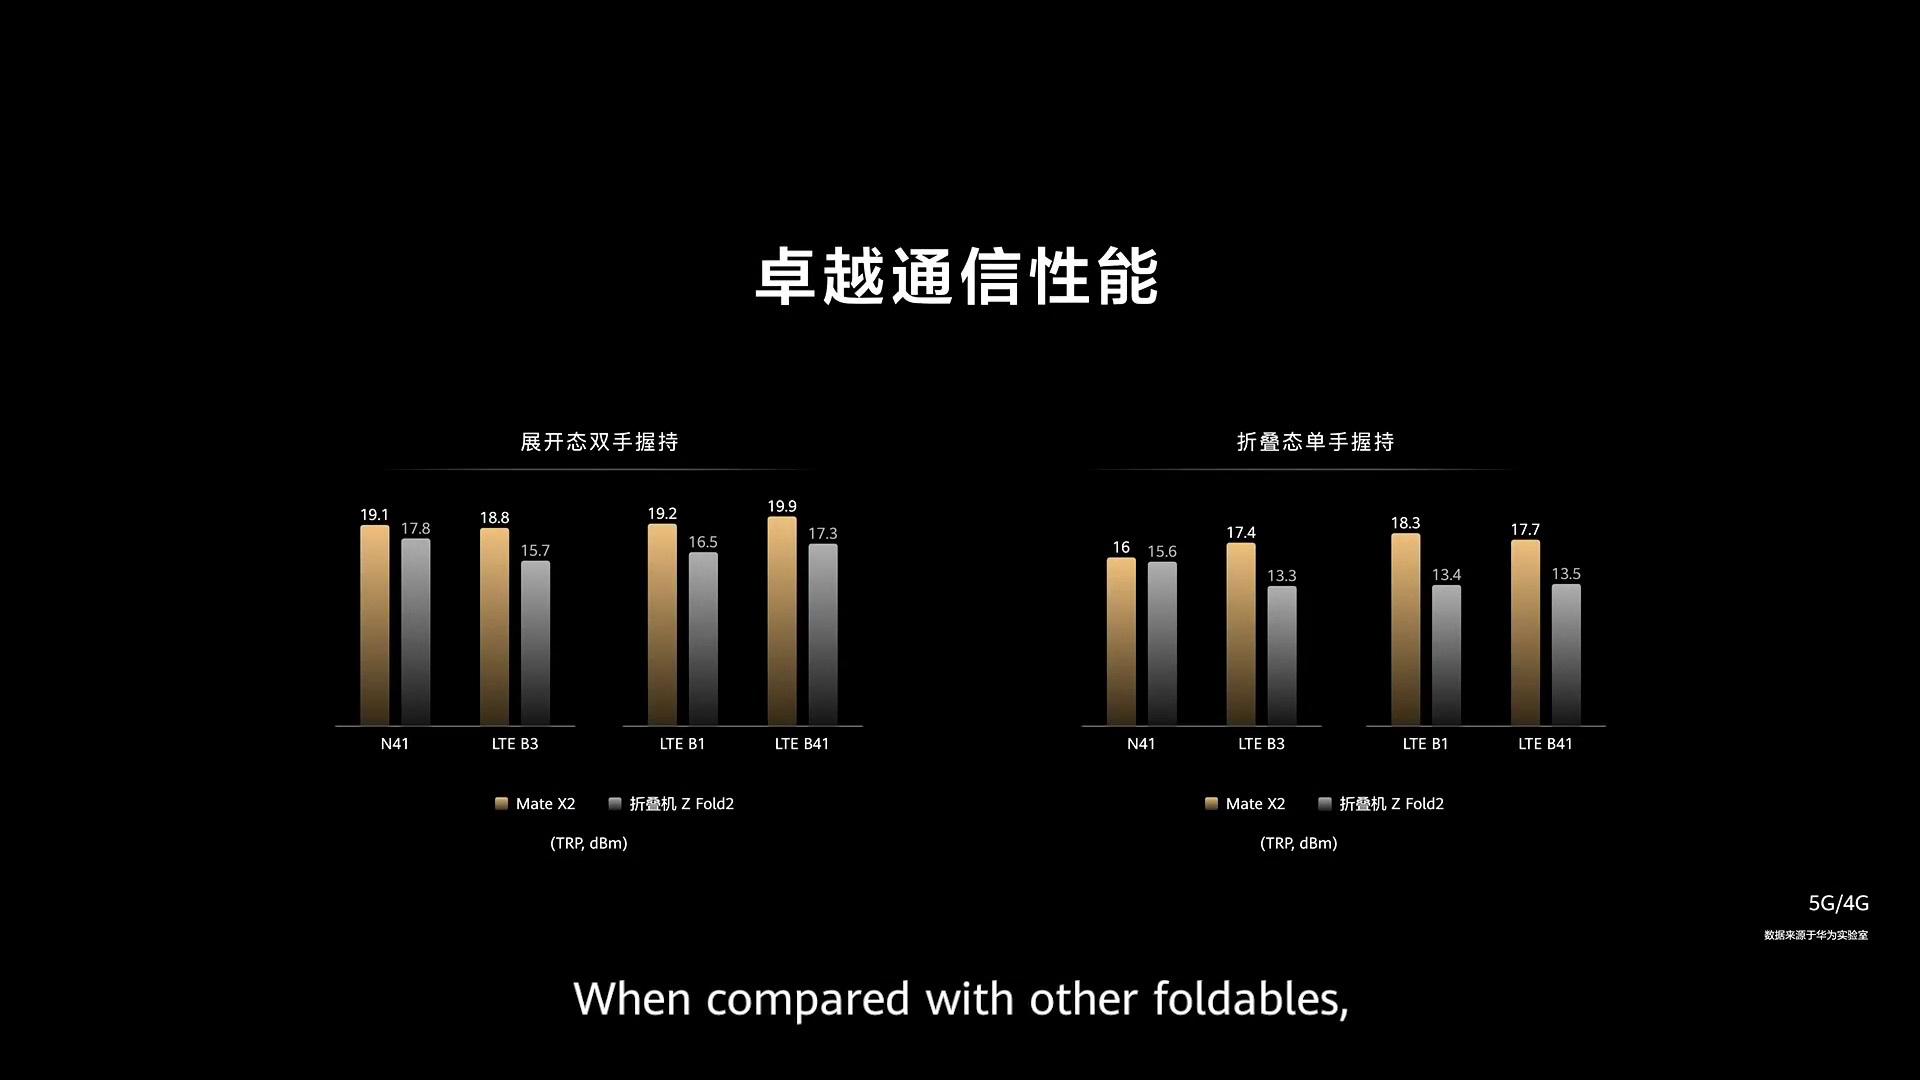 Huawei nói smartphone của mình tốt hơn Z Fold2, iPhone 12 Pro Max, Pro Display XDR, Volvo XC90... như thế nào? - Ảnh 10.